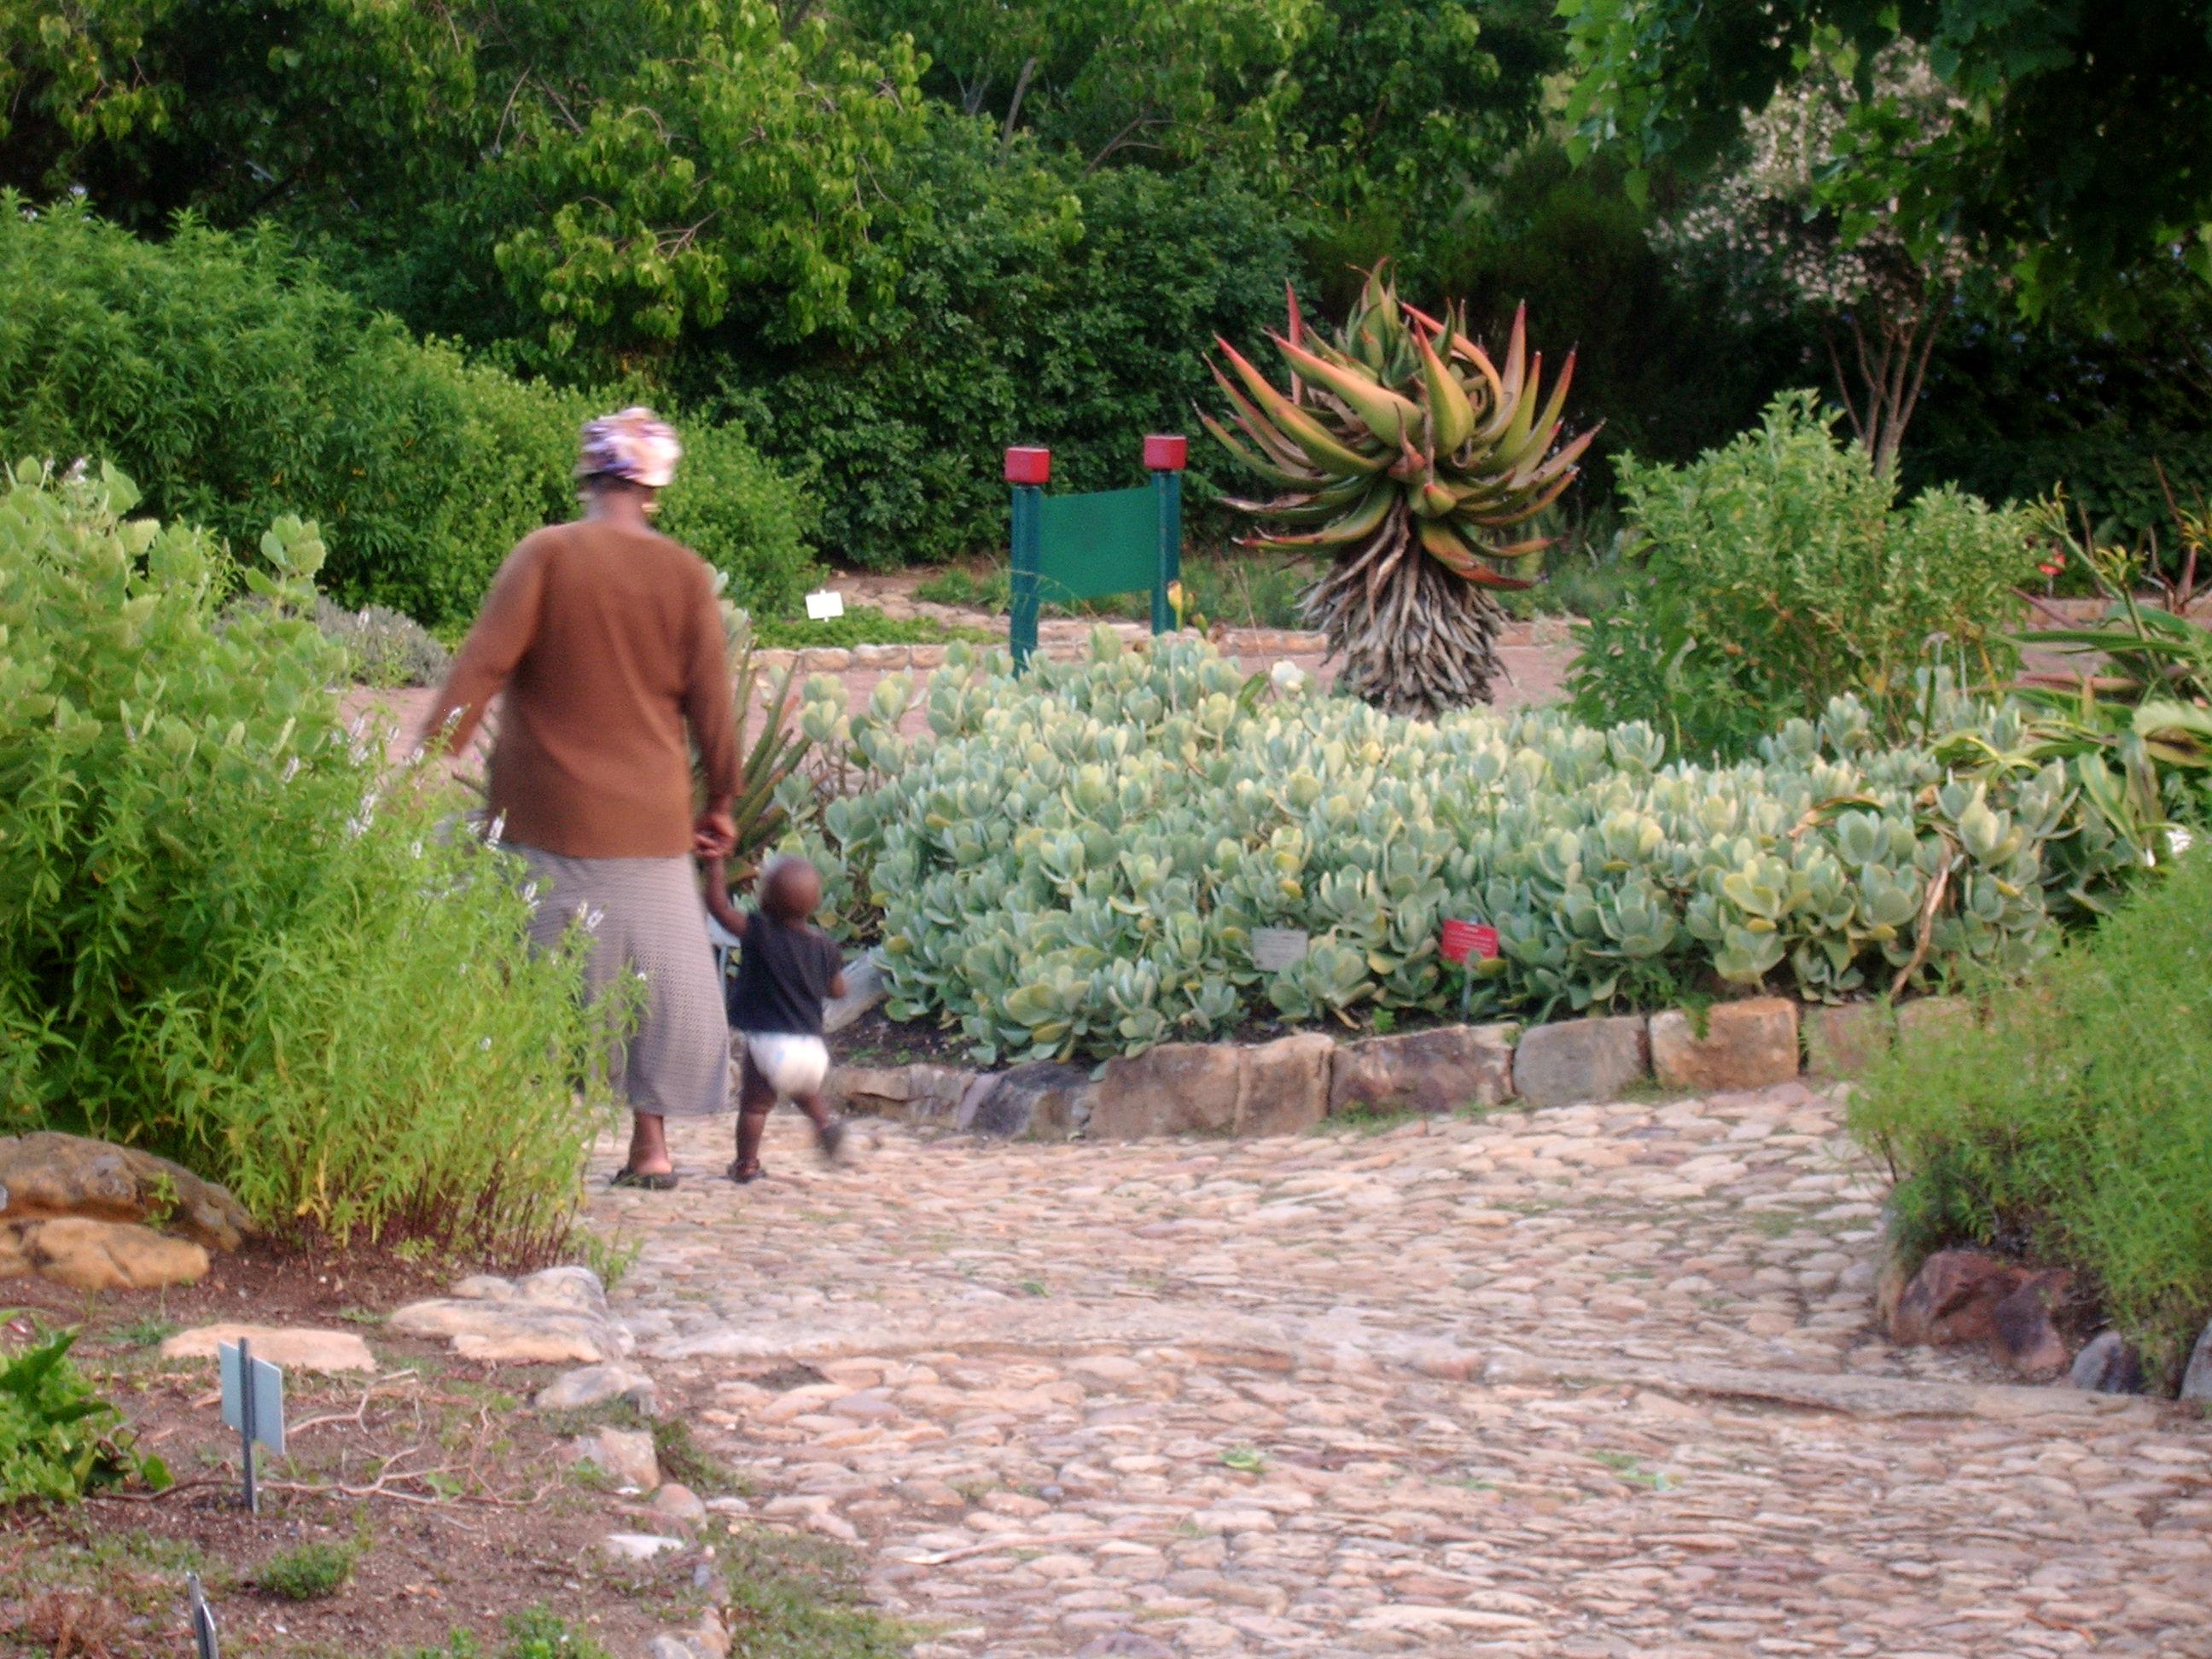 Grandmother & Child in Kirstenbosch Garden